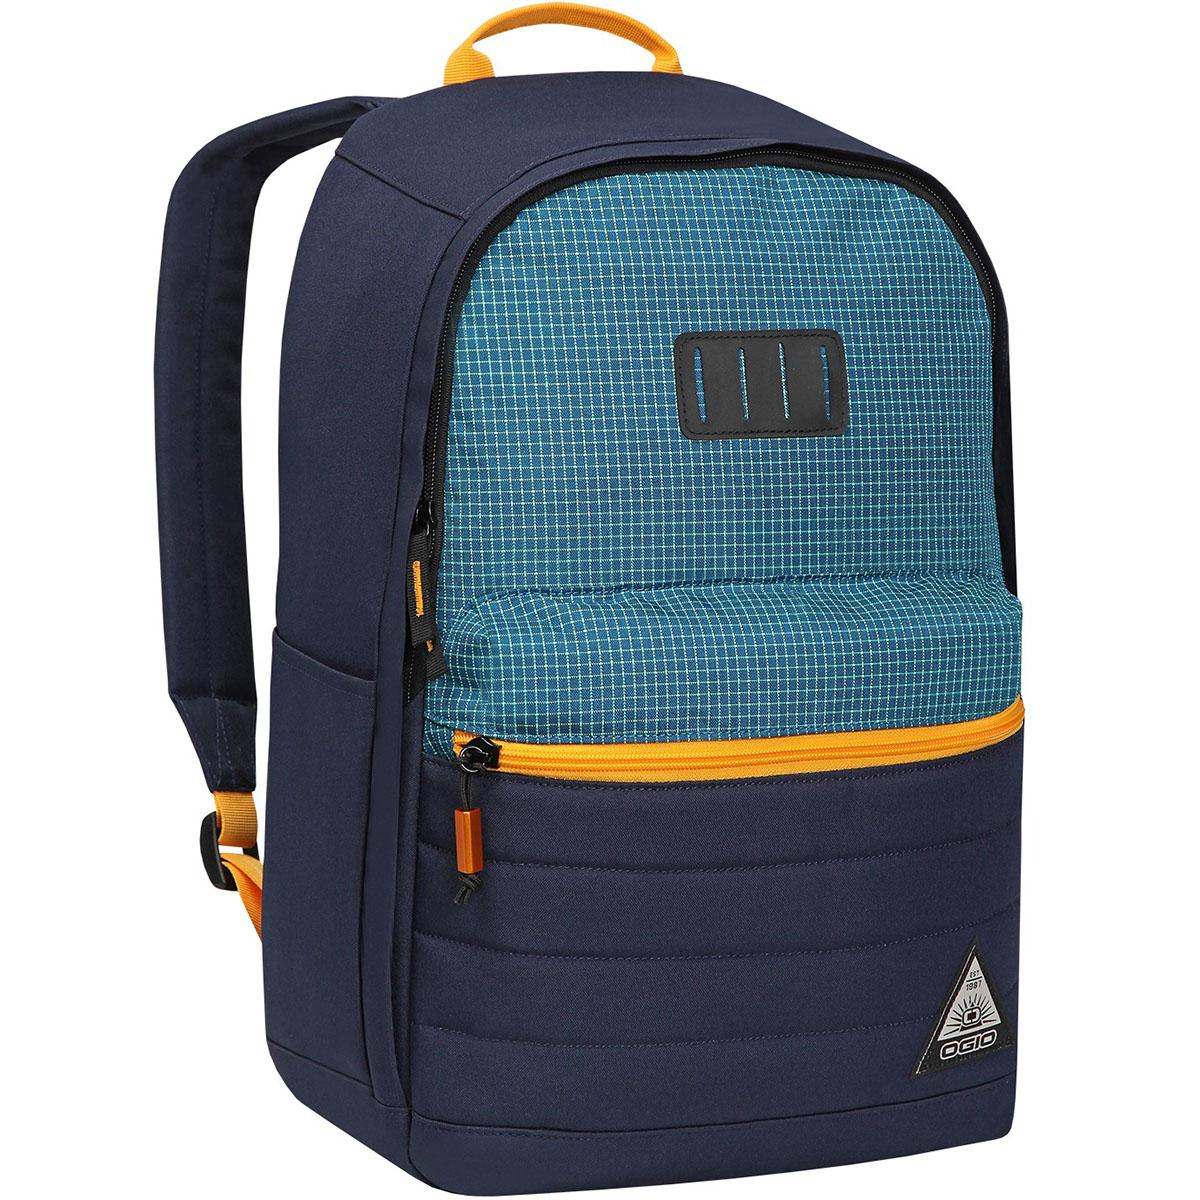 Рюкзак городской Urban. Lewis Pack (A/S), цвет: синий, желтый. 031652226951031652226951Компактный, но при этом достаточно вместительный рюкзак от Ogio. Имеется специализированный отсек для ноутбука а также уплотненный карман для ценных вещей на молнии. Внешний передний и боковой карманы на вертикальной молнии обеспечивают быстрый доступ к содержимому, позволяя всегда держать необходимые аксессуары и документы поблизости.